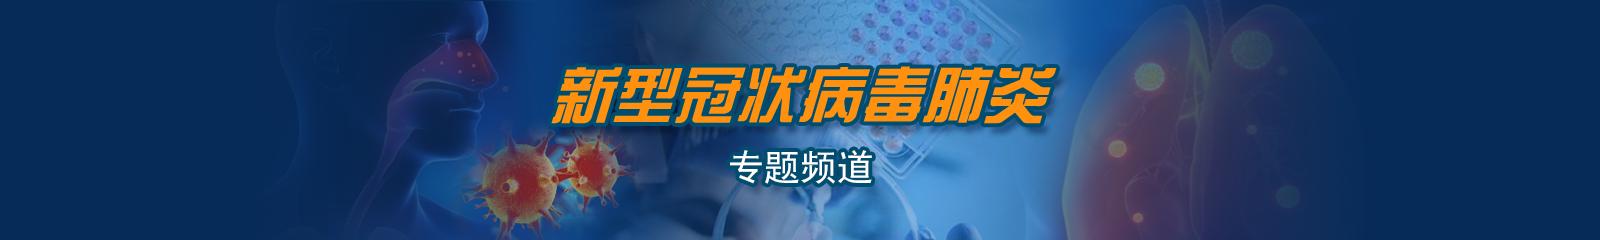 新冠状肺炎·专题频道